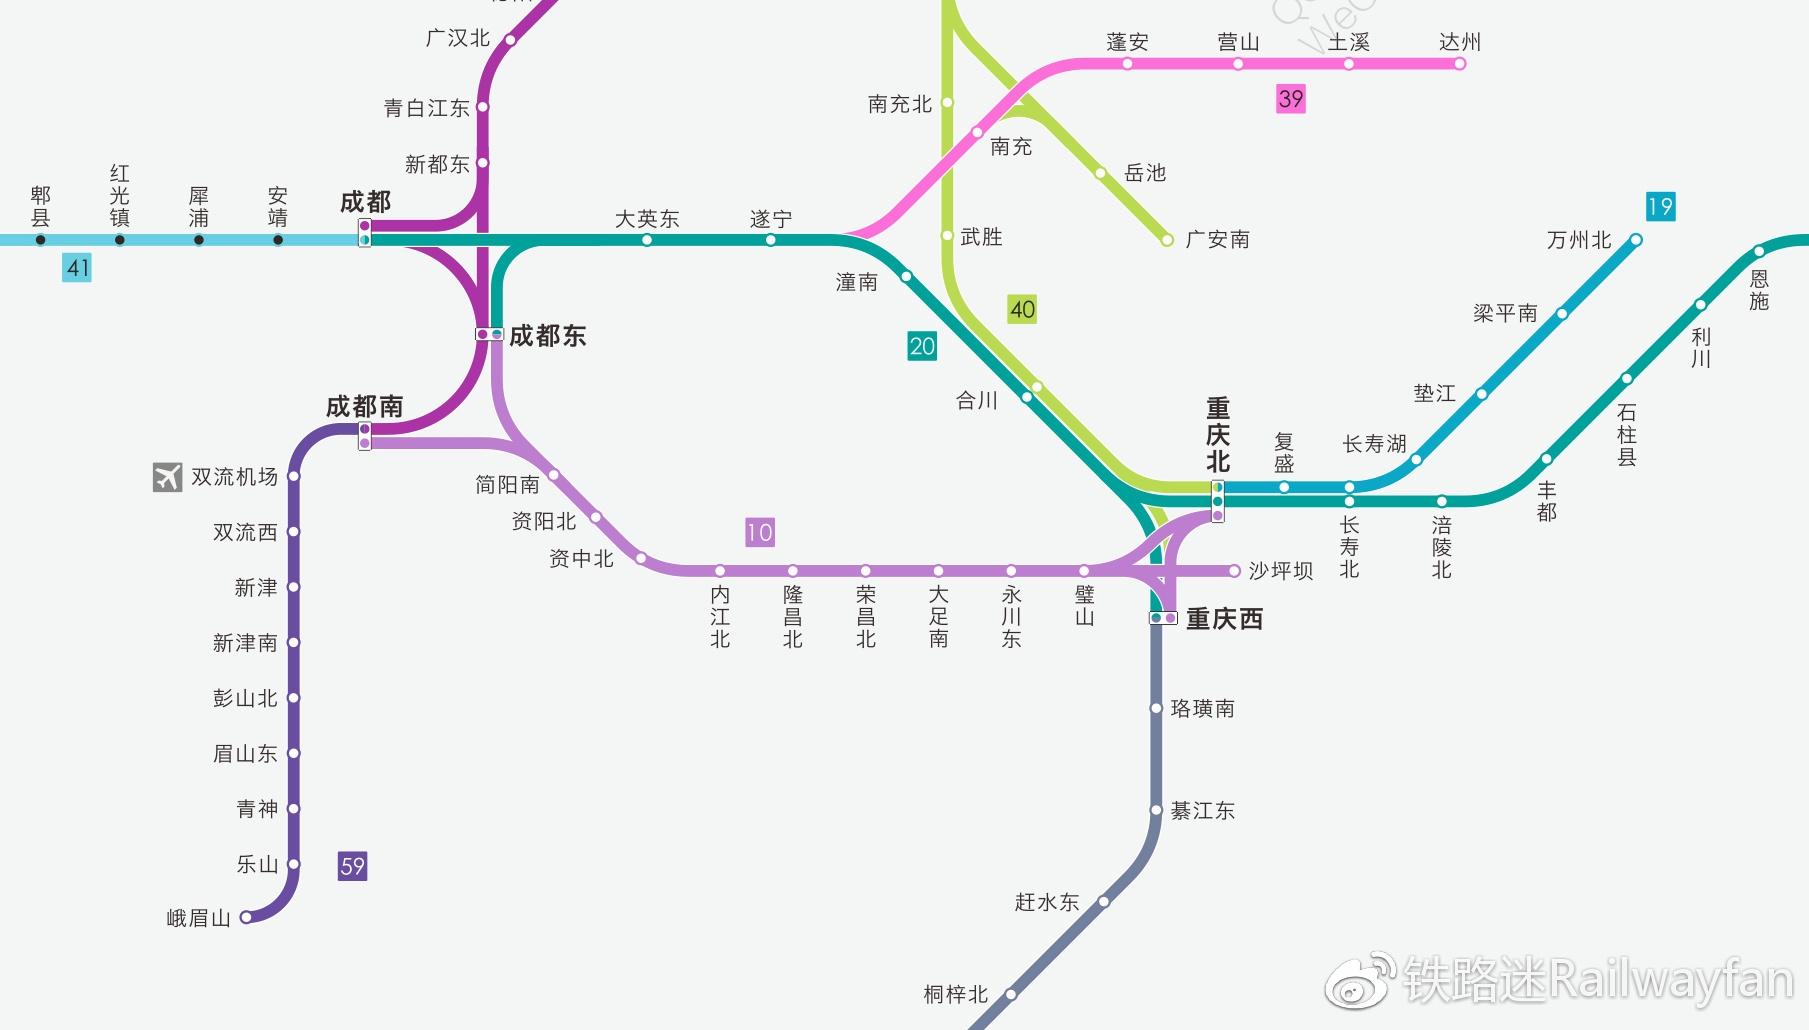 修正了一些谬误, 并新增了1月25日即将开通渝贵铁路和重庆西站,沙坪坝